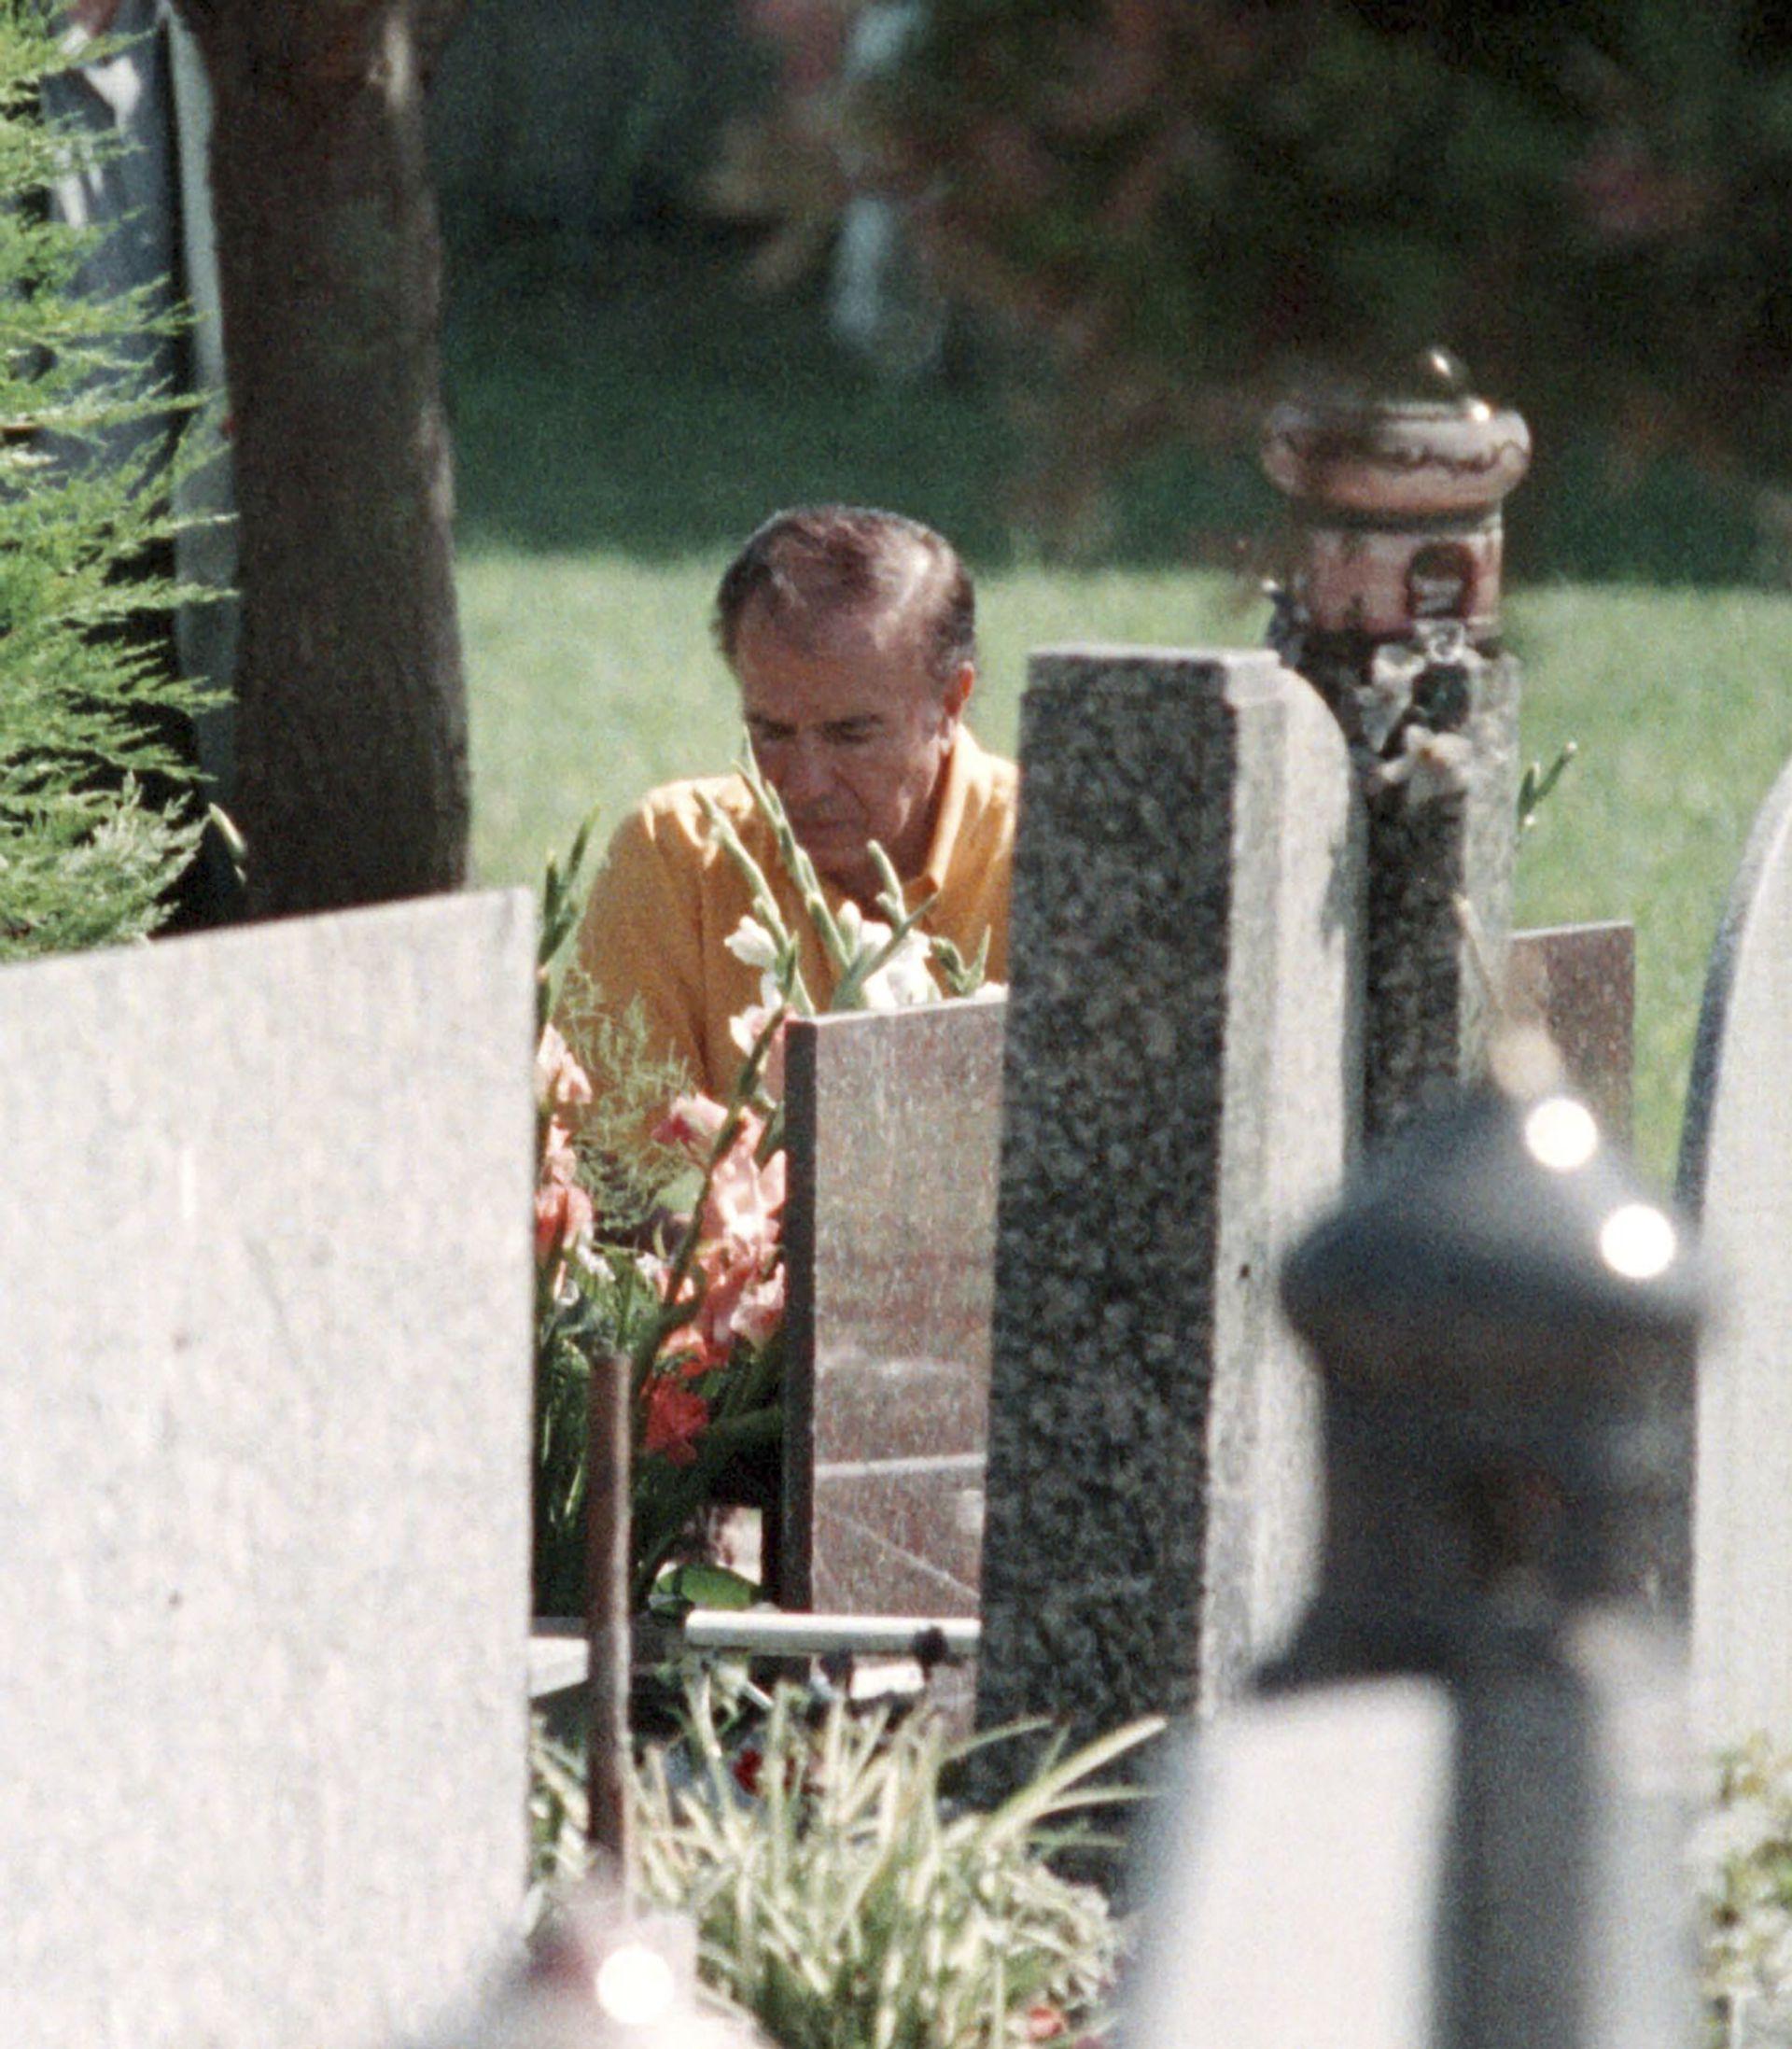 Al celebrarse el sexto aniversario de la muerte de su hijo, Carlos Menem visitó su tumba en el cementerio islámico de San Justo el 21 de noviembre de 2011. Allí el entonces exmandatario aseguró que sabía quienes habían asesinado a su hijo. Todo un cambio de postura en relación a su muerte. (NA)